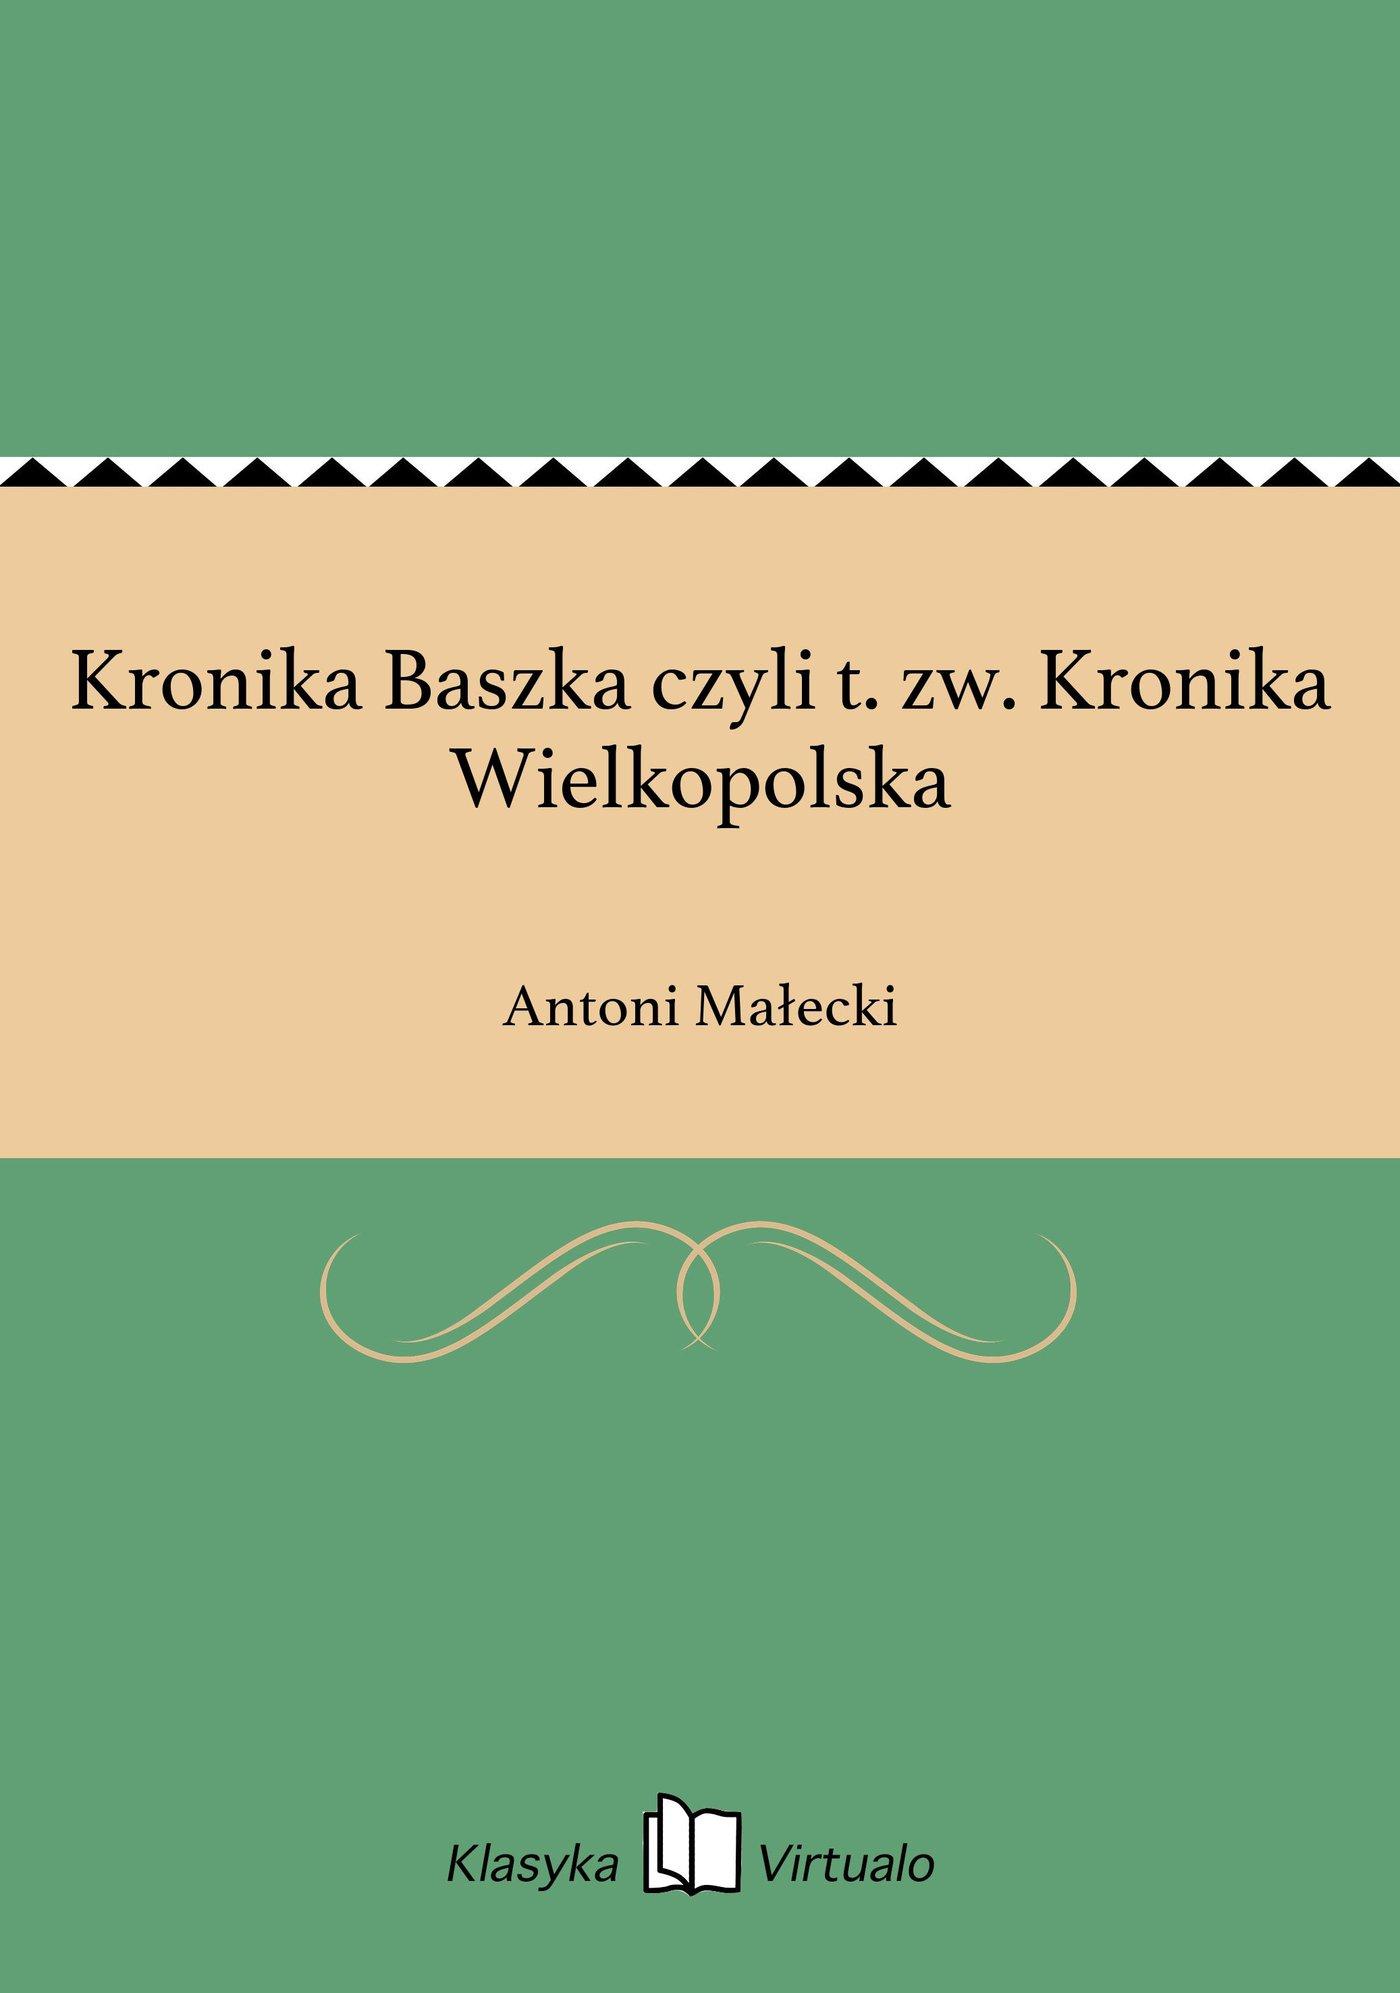 Kronika Baszka czyli t. zw. Kronika Wielkopolska - Ebook (Książka na Kindle) do pobrania w formacie MOBI